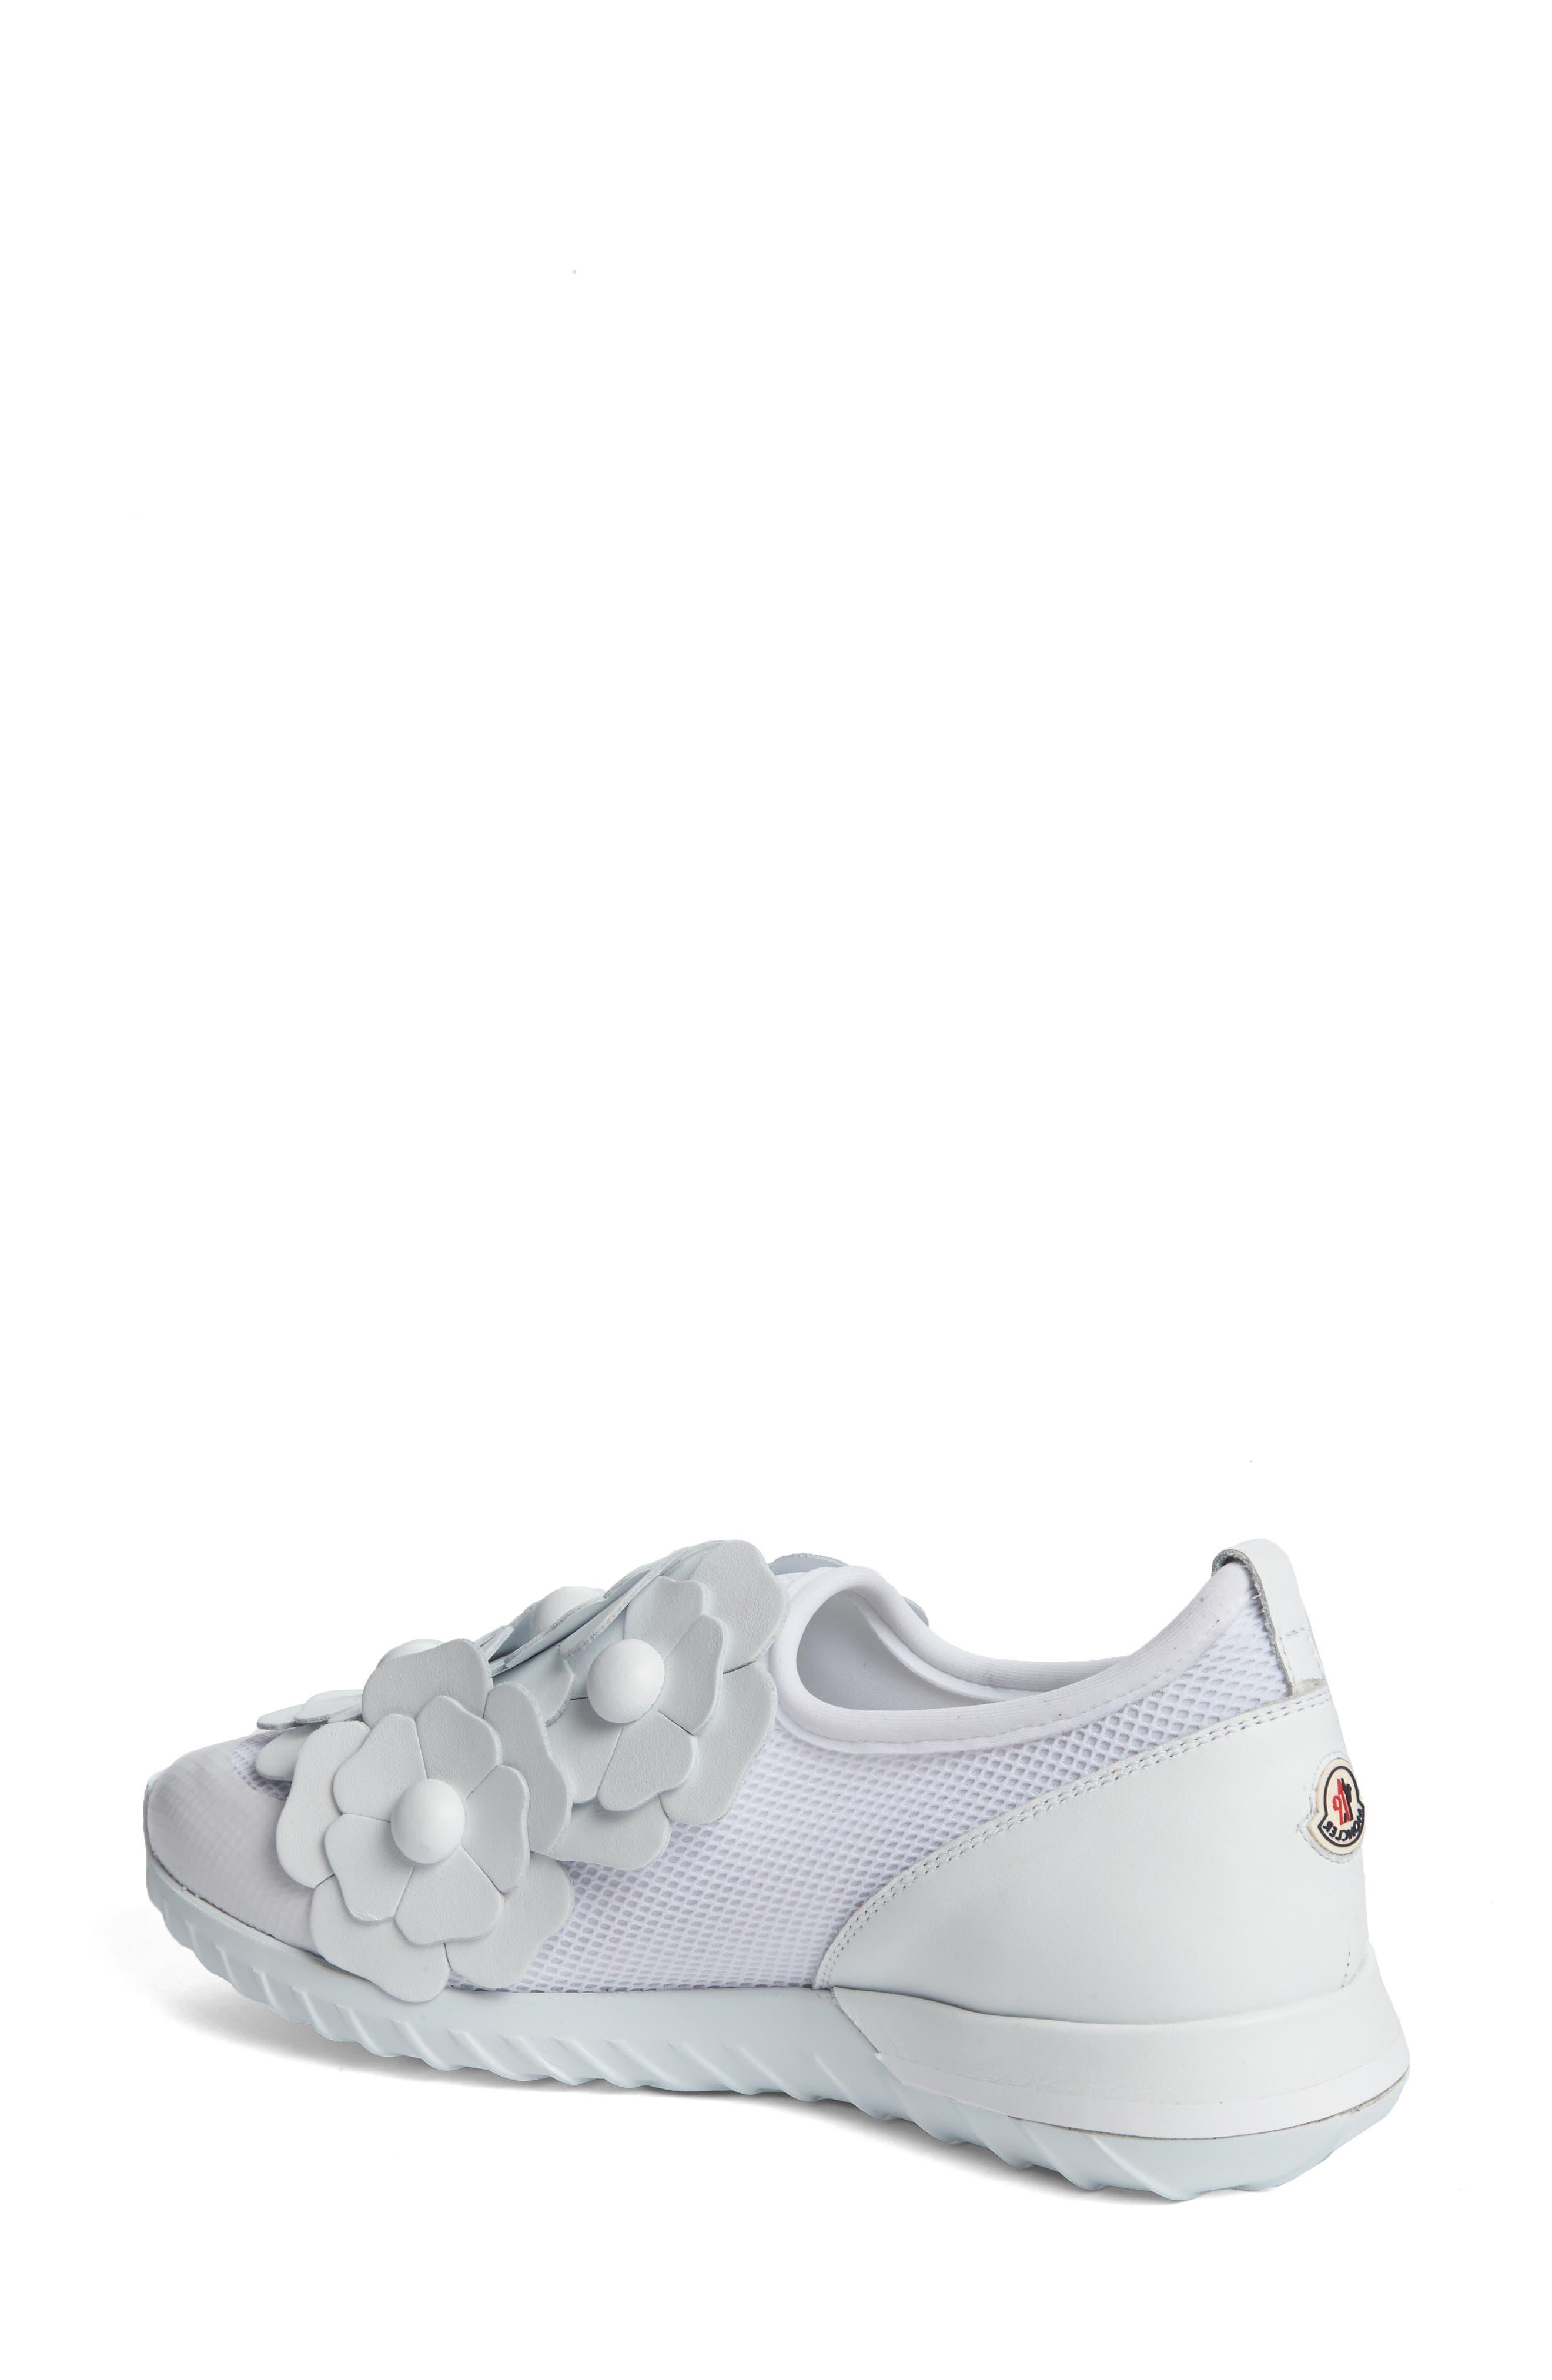 Emy Roseline Slip-On Sneaker,                             Alternate thumbnail 2, color,